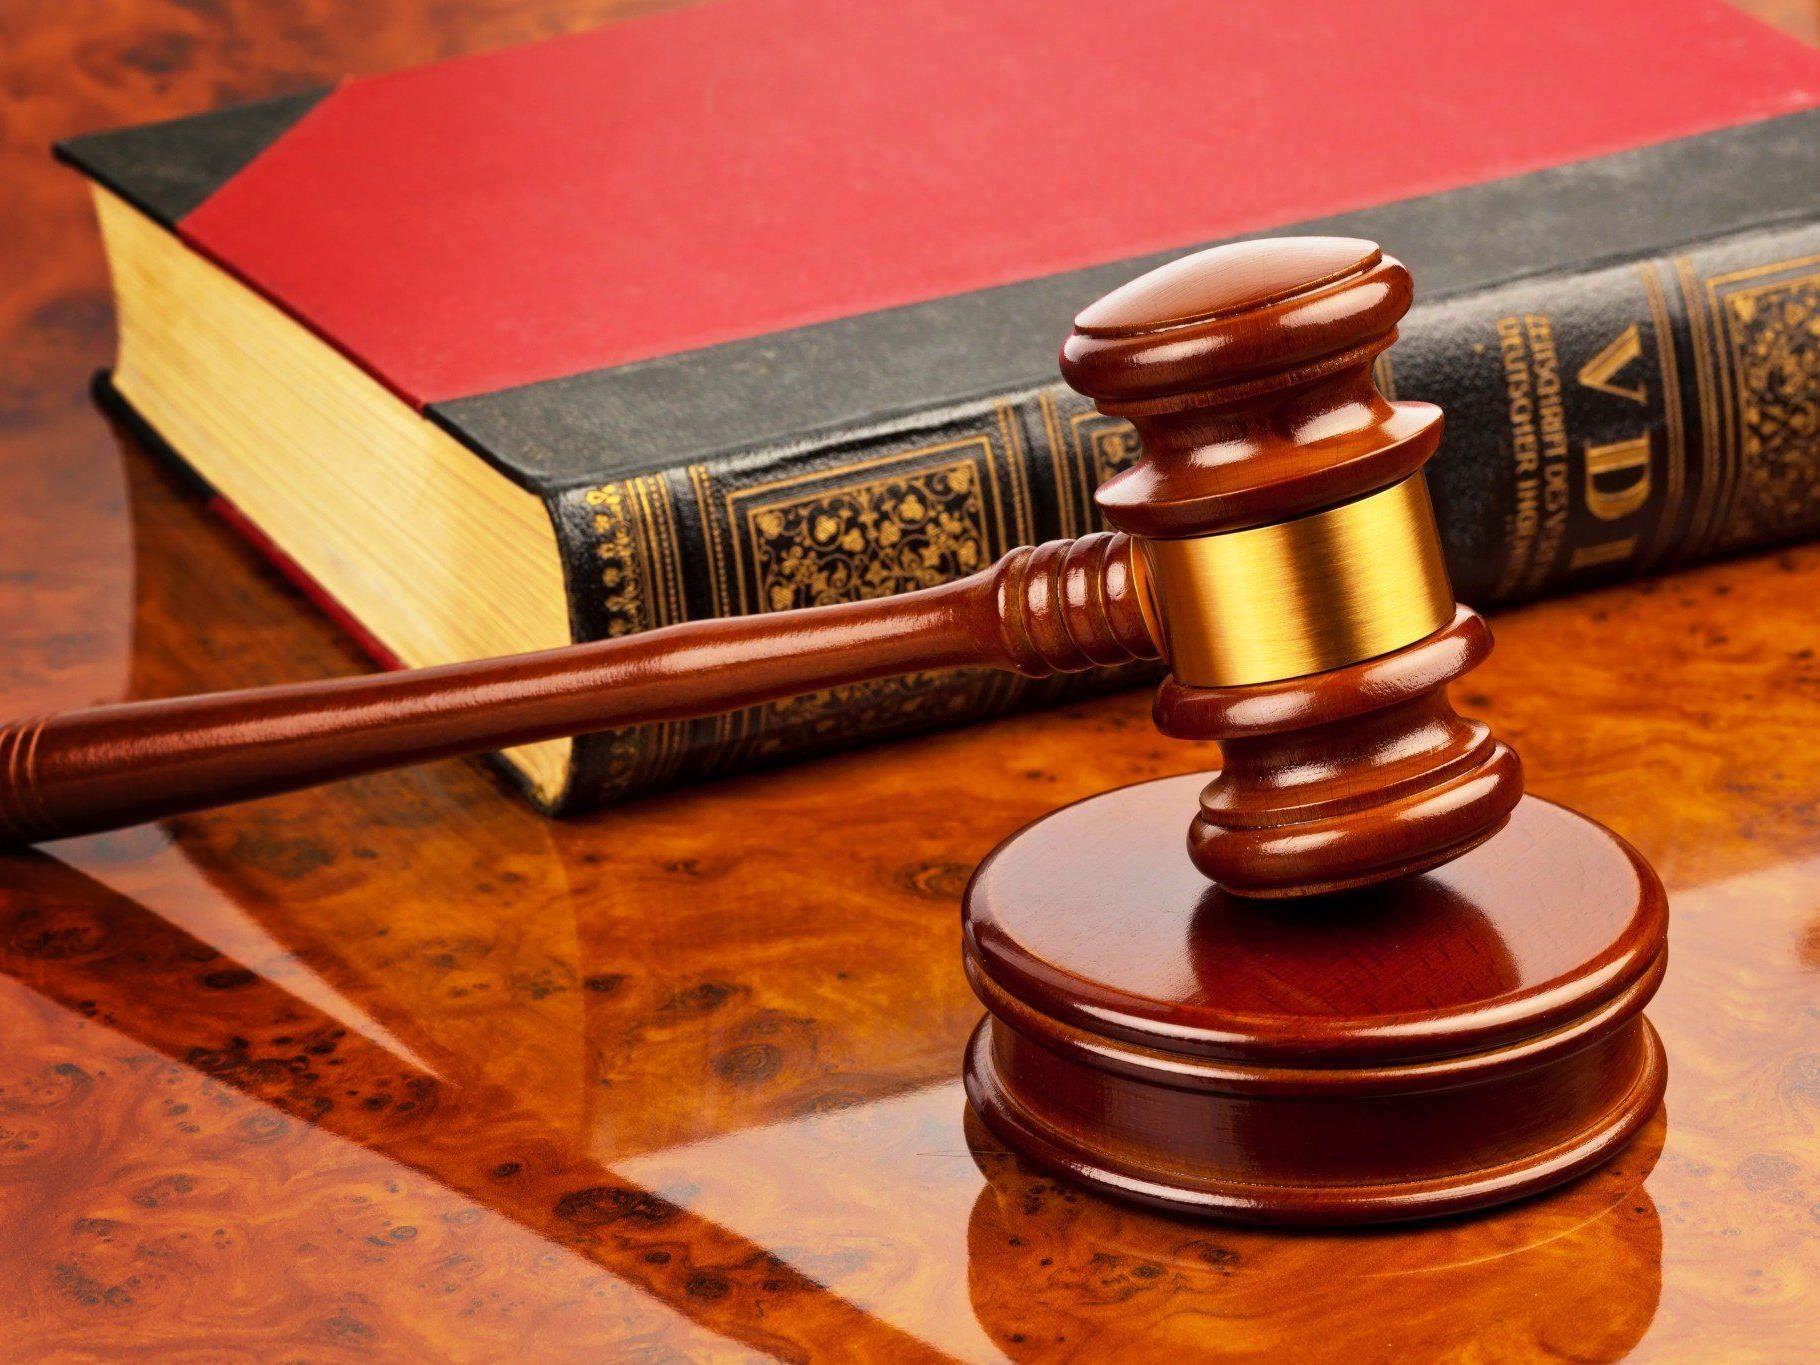 Vorbestrafter ersuchte Gerichtsbedienstete um Vordatierung eines verspäteten Antrags.